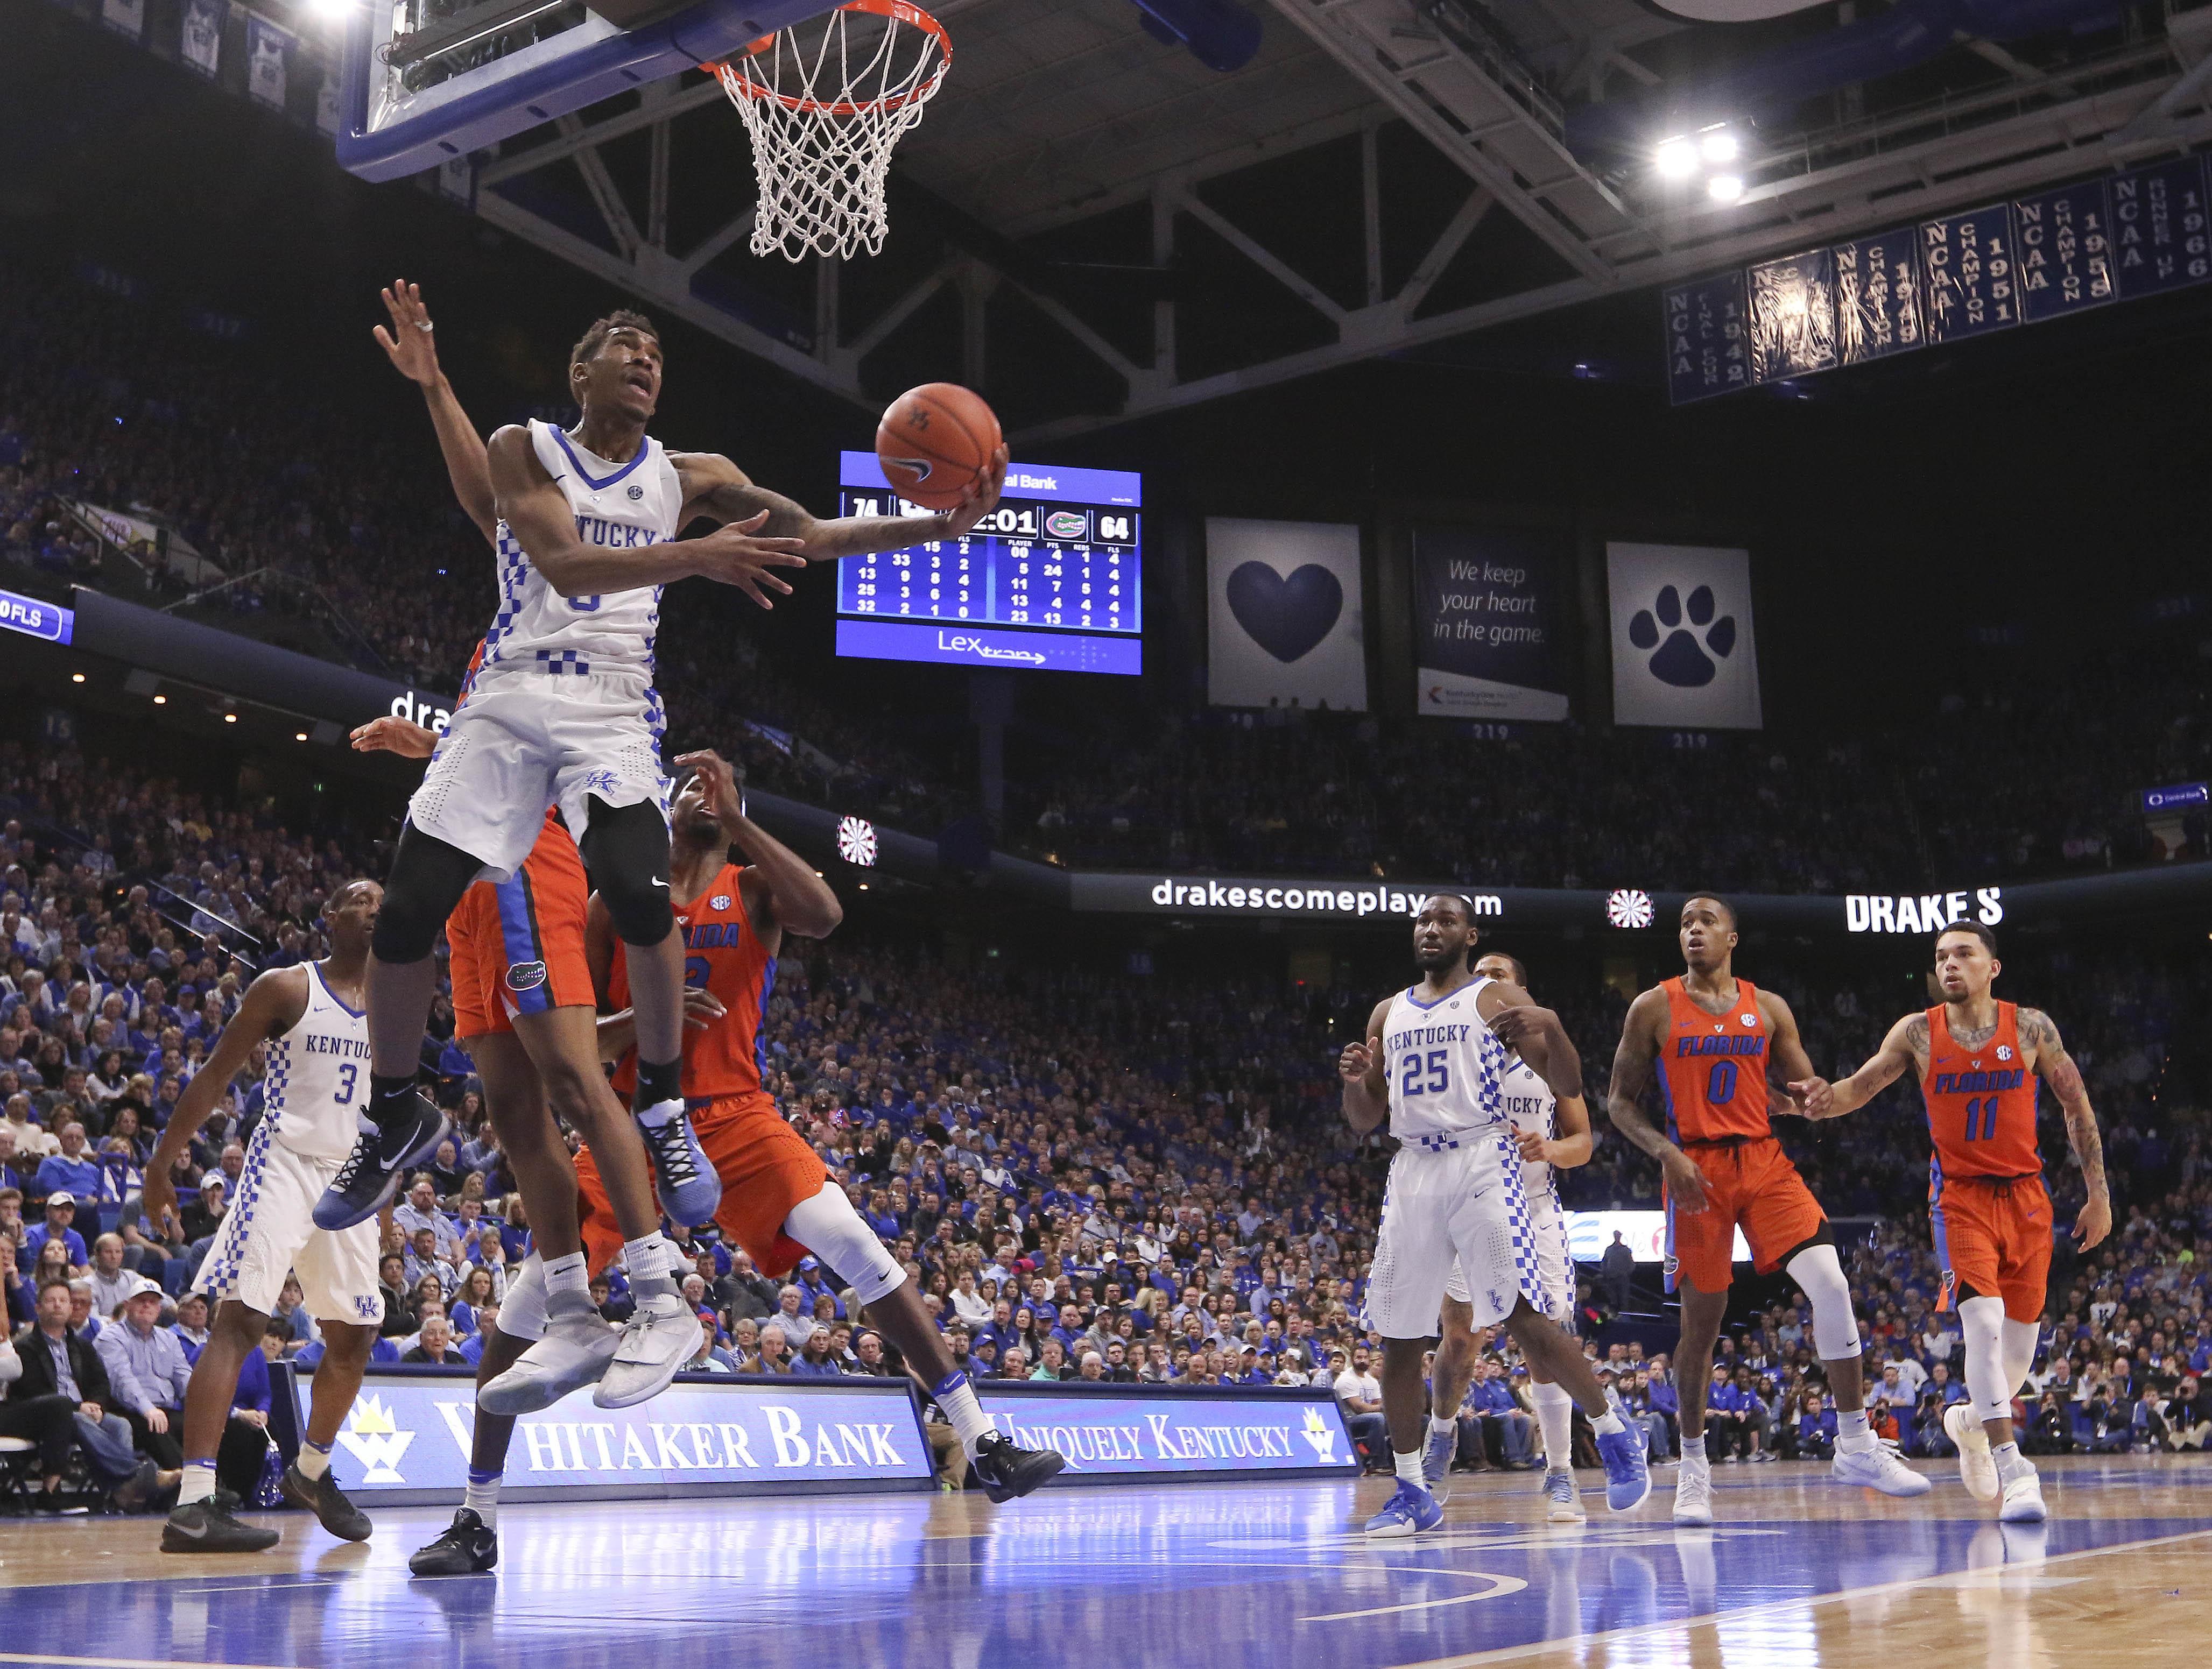 Kentucky Basketball Uk Has Second Best Odds To Win: Kentucky Basketball Vs Vanderbilt: Start Time, TV Info